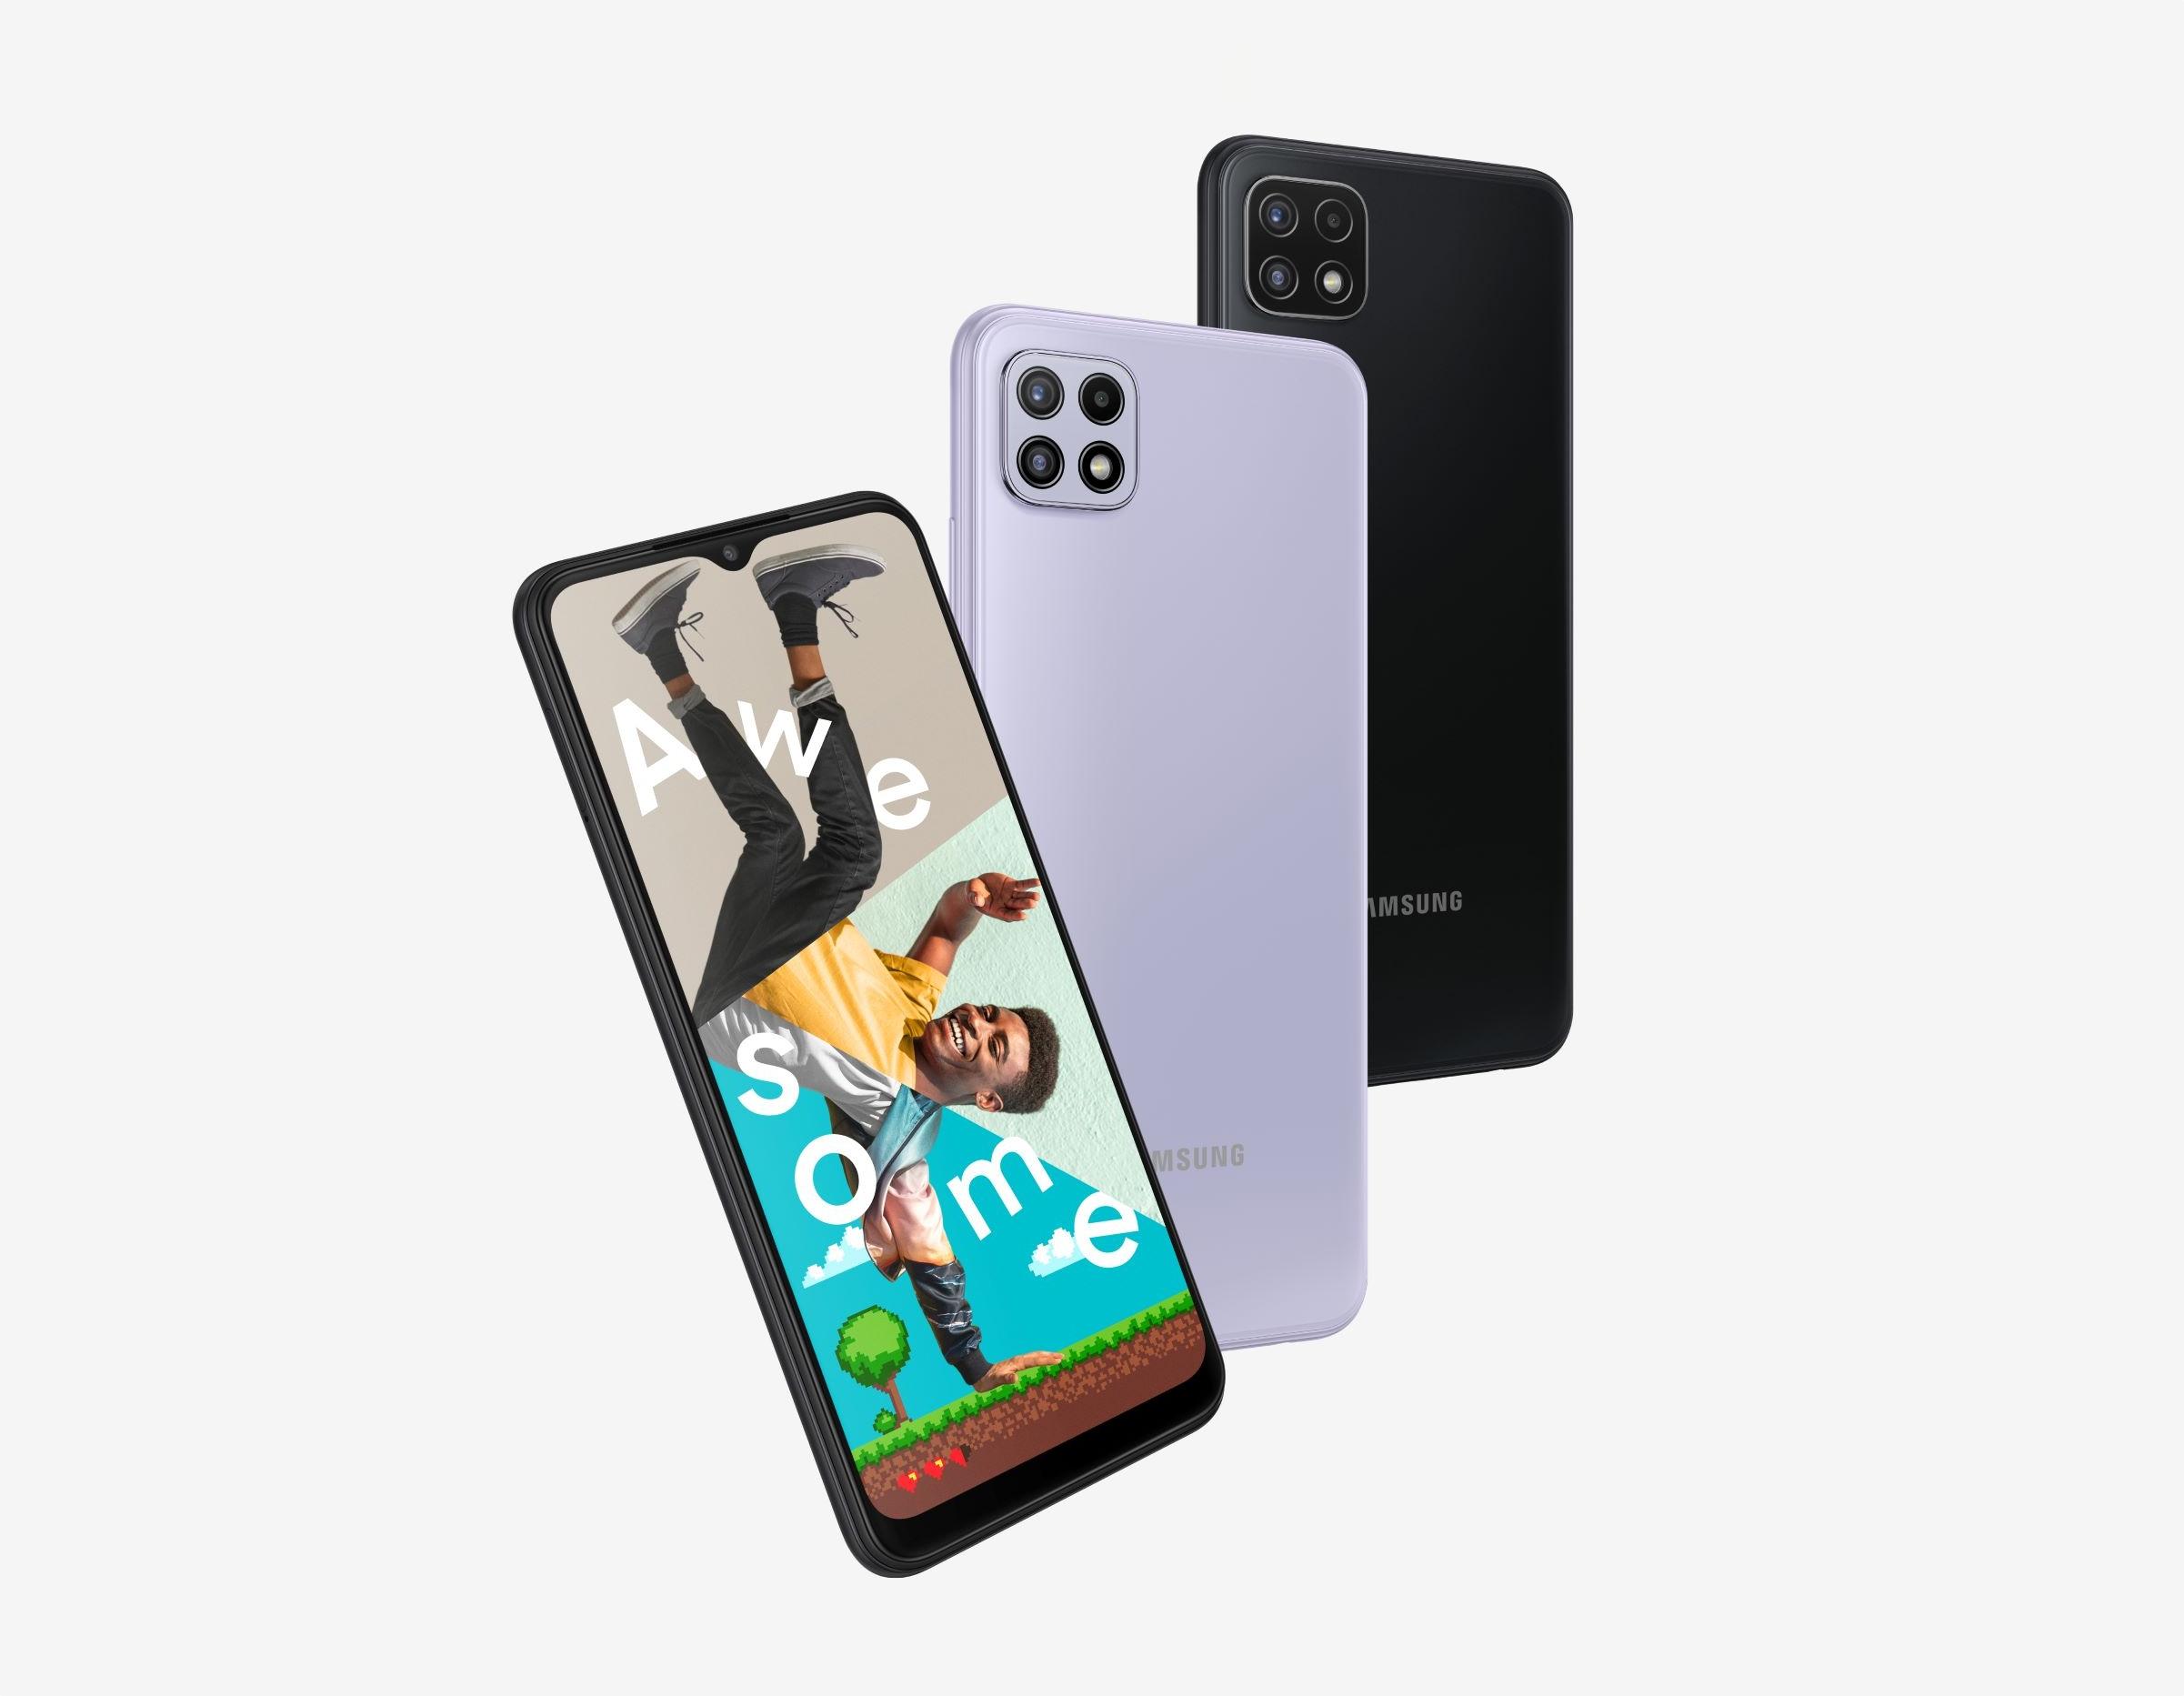 Samsung готовит к выходу Galaxy F42 5G: переименованная версия Galaxy A22 5G c экраном на 90 Гц, чипом Dimensity 700 и камерой на 48 МП